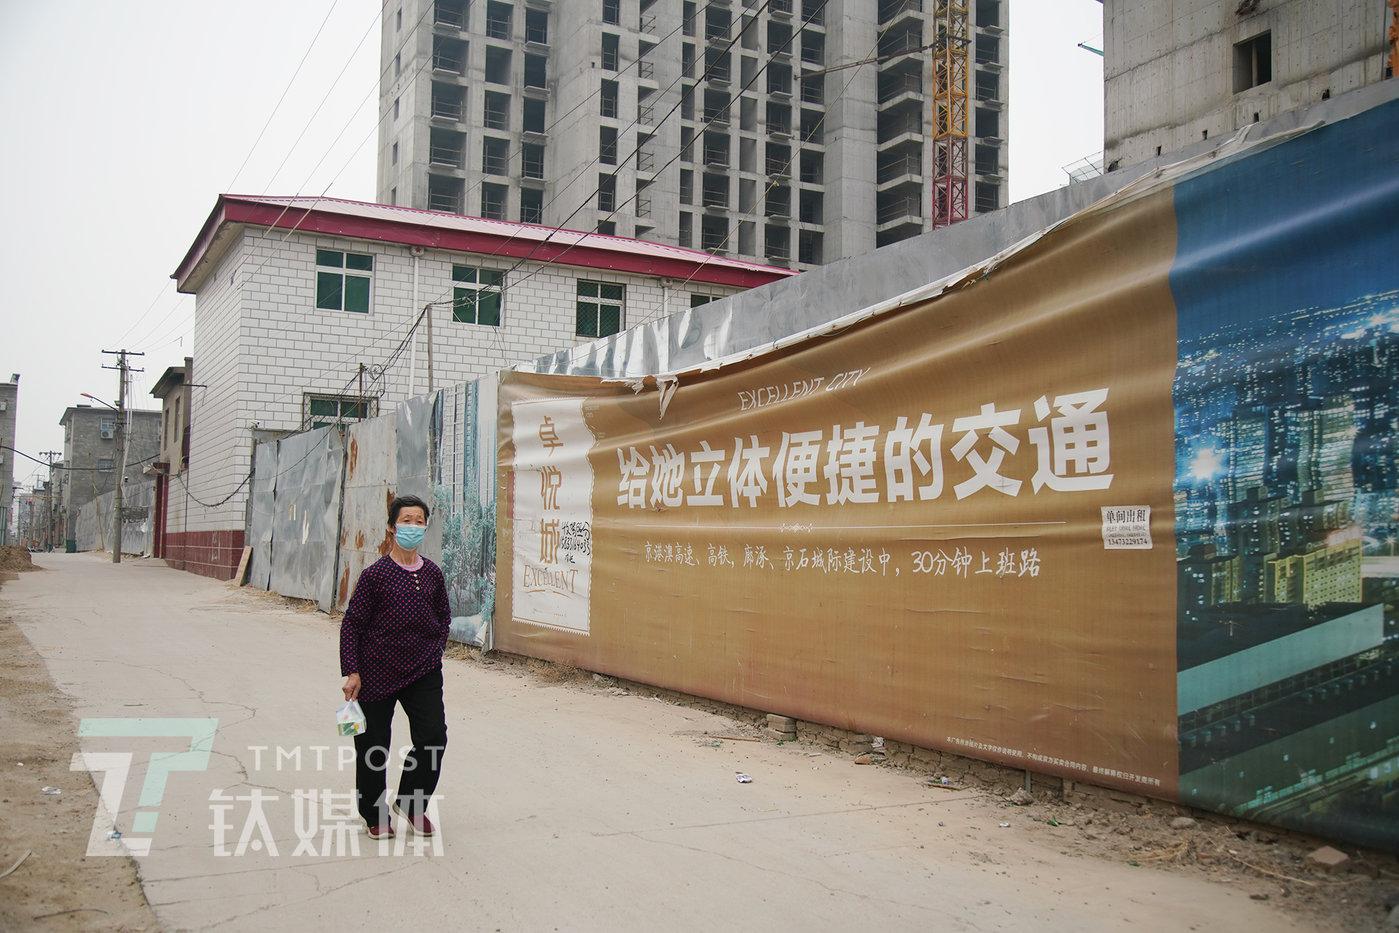 卓悦城工地外的广告围栏。